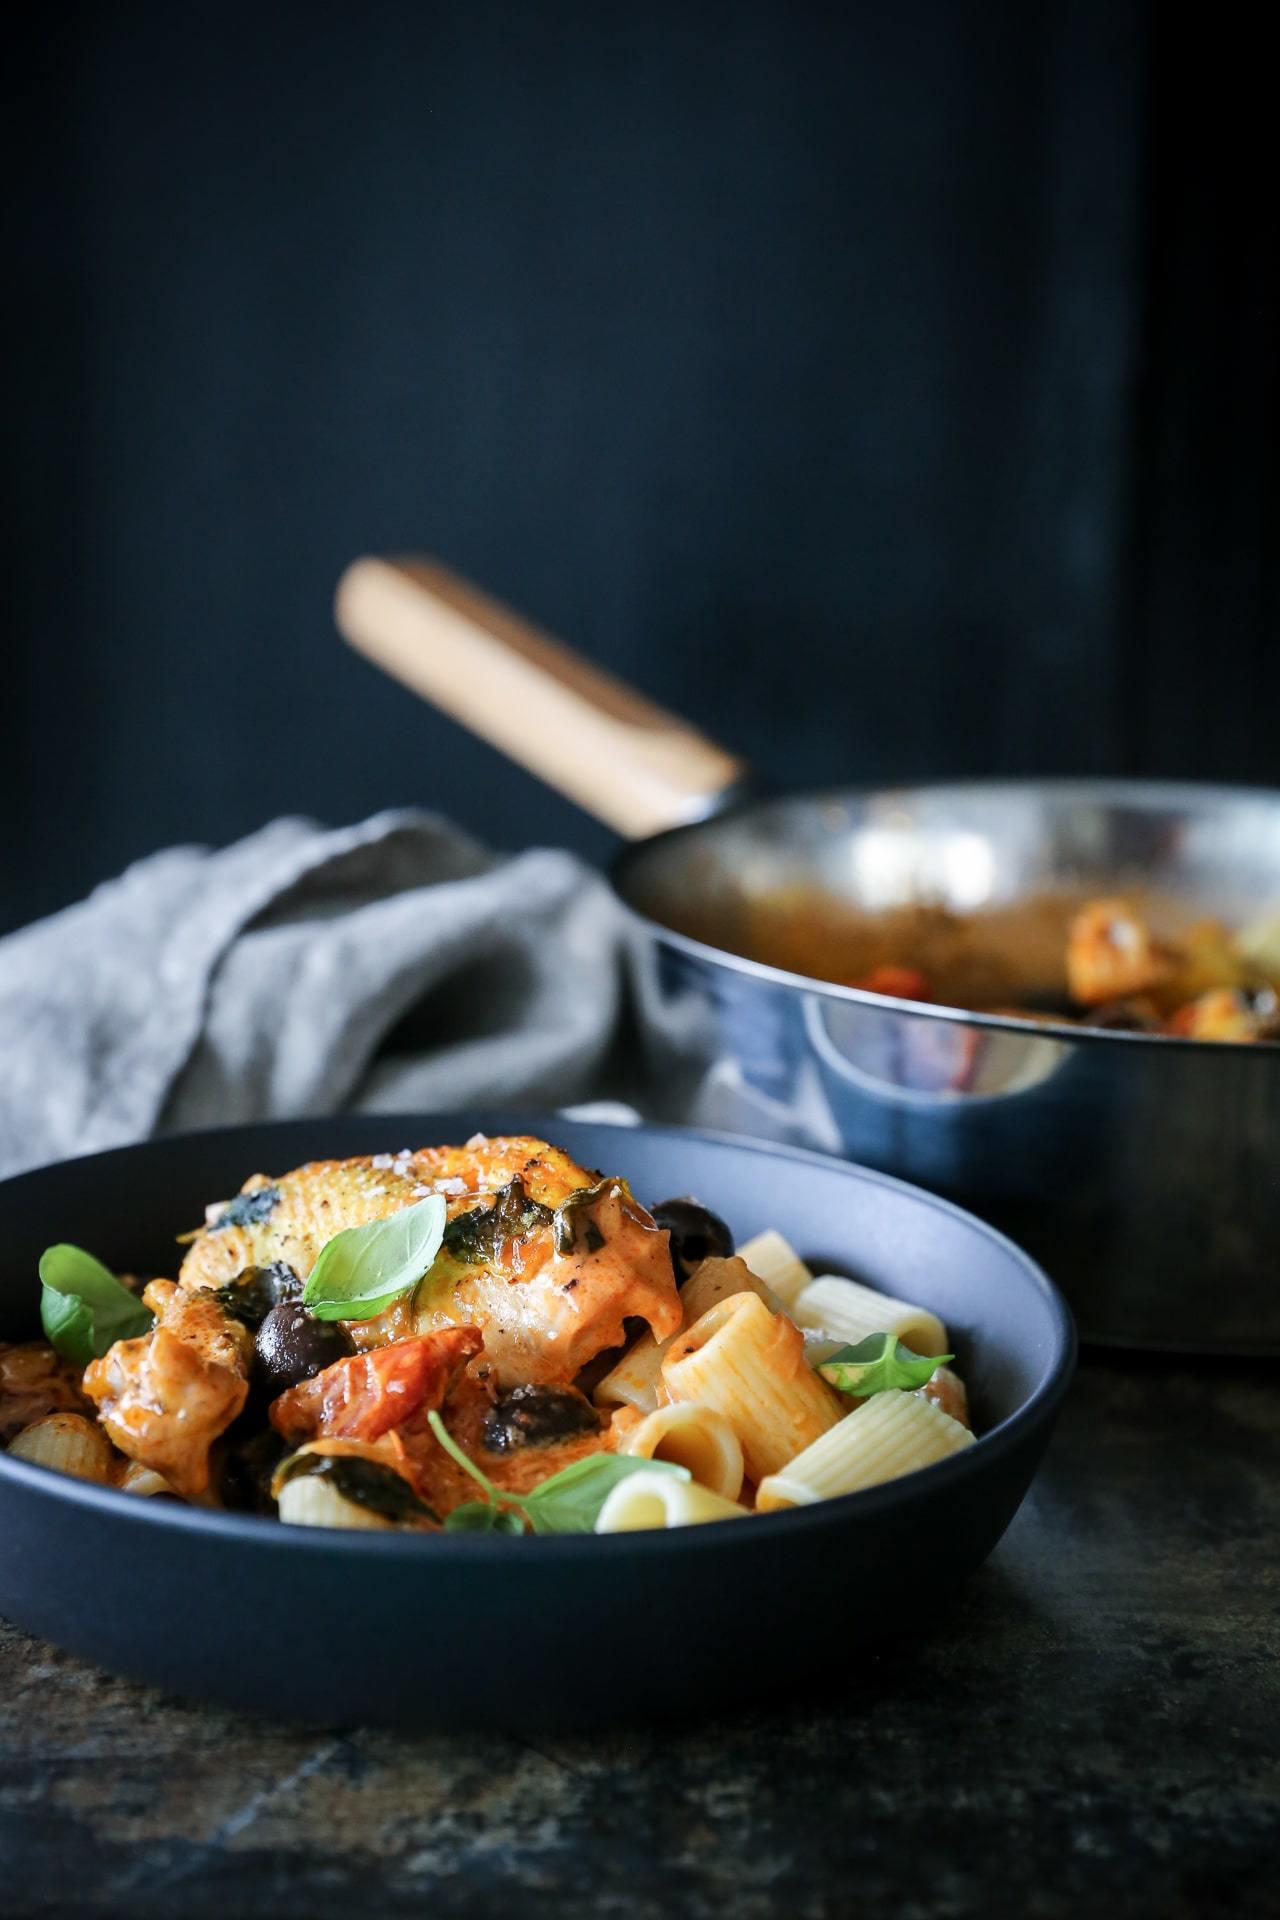 kyllingebryst med pasta